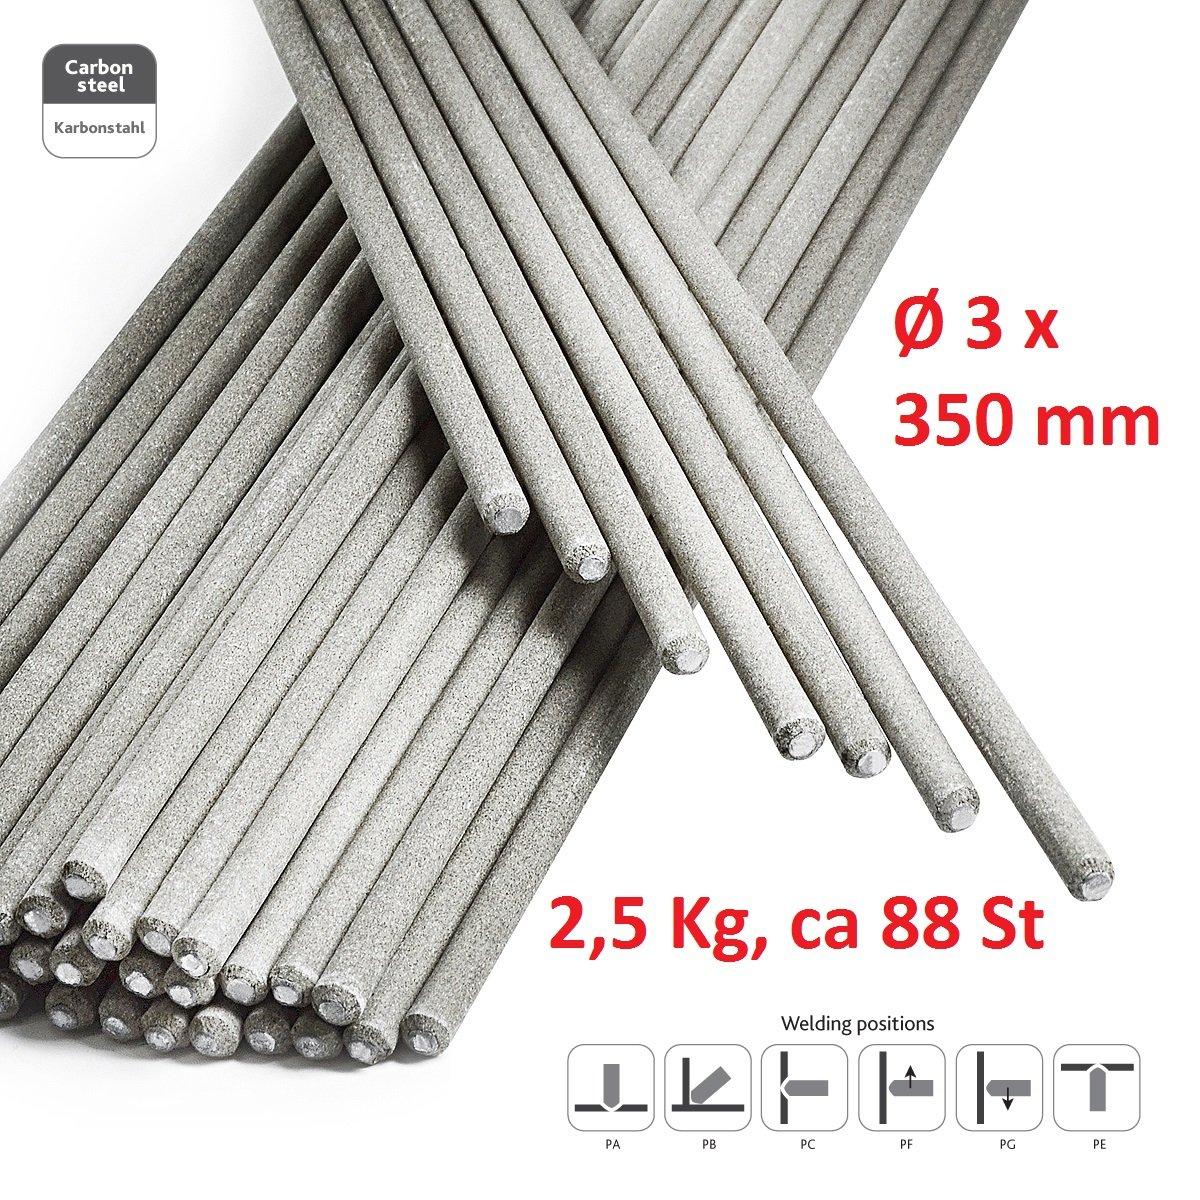 STARK Electrodos de Soldadura - Rutilo Acero Profesional 3 x 350 mm - ca. 88 Pzas 2,5Kg